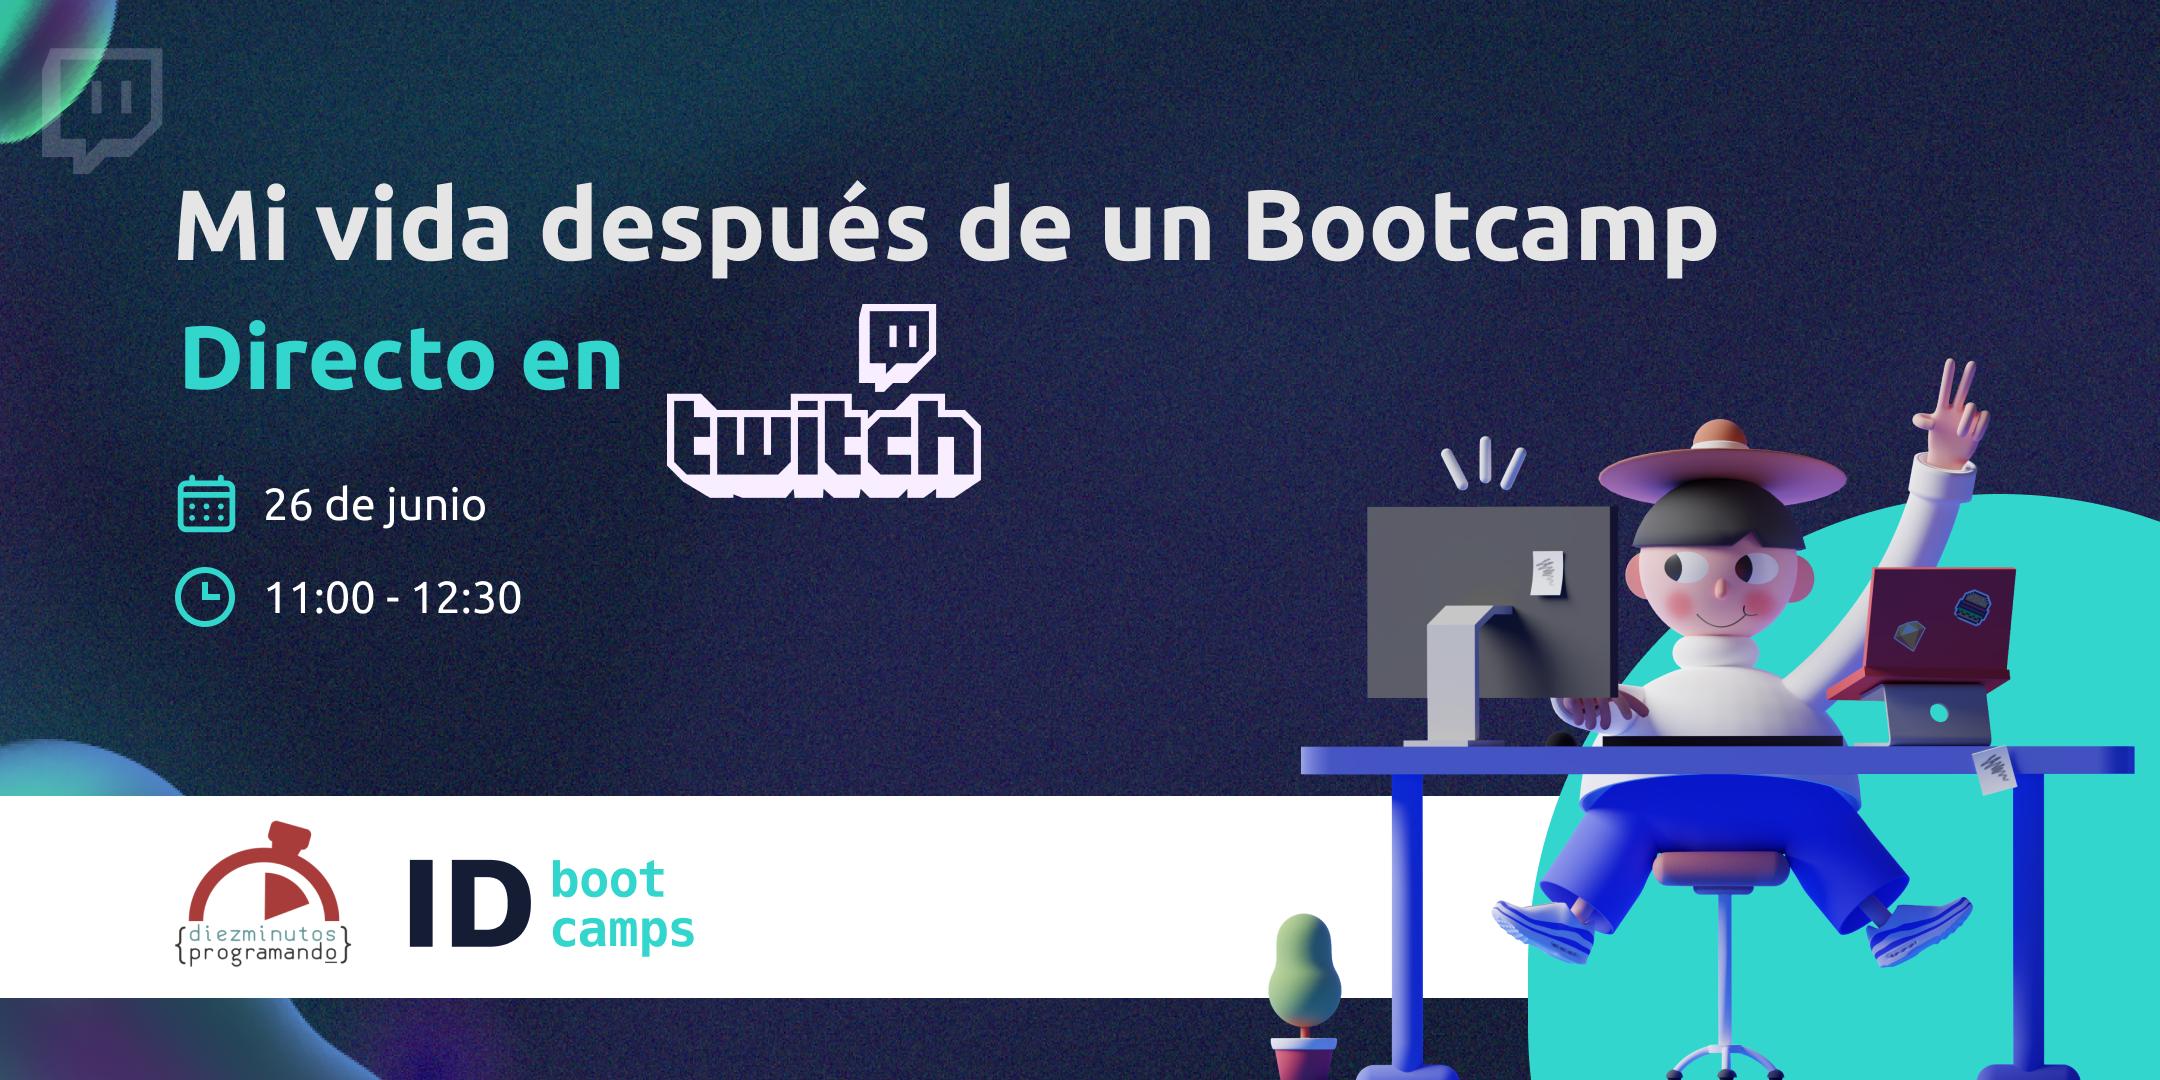 Evento online - Mi vida después de un bootcamp - Desarrollo Full Stack - ID Btoocamps